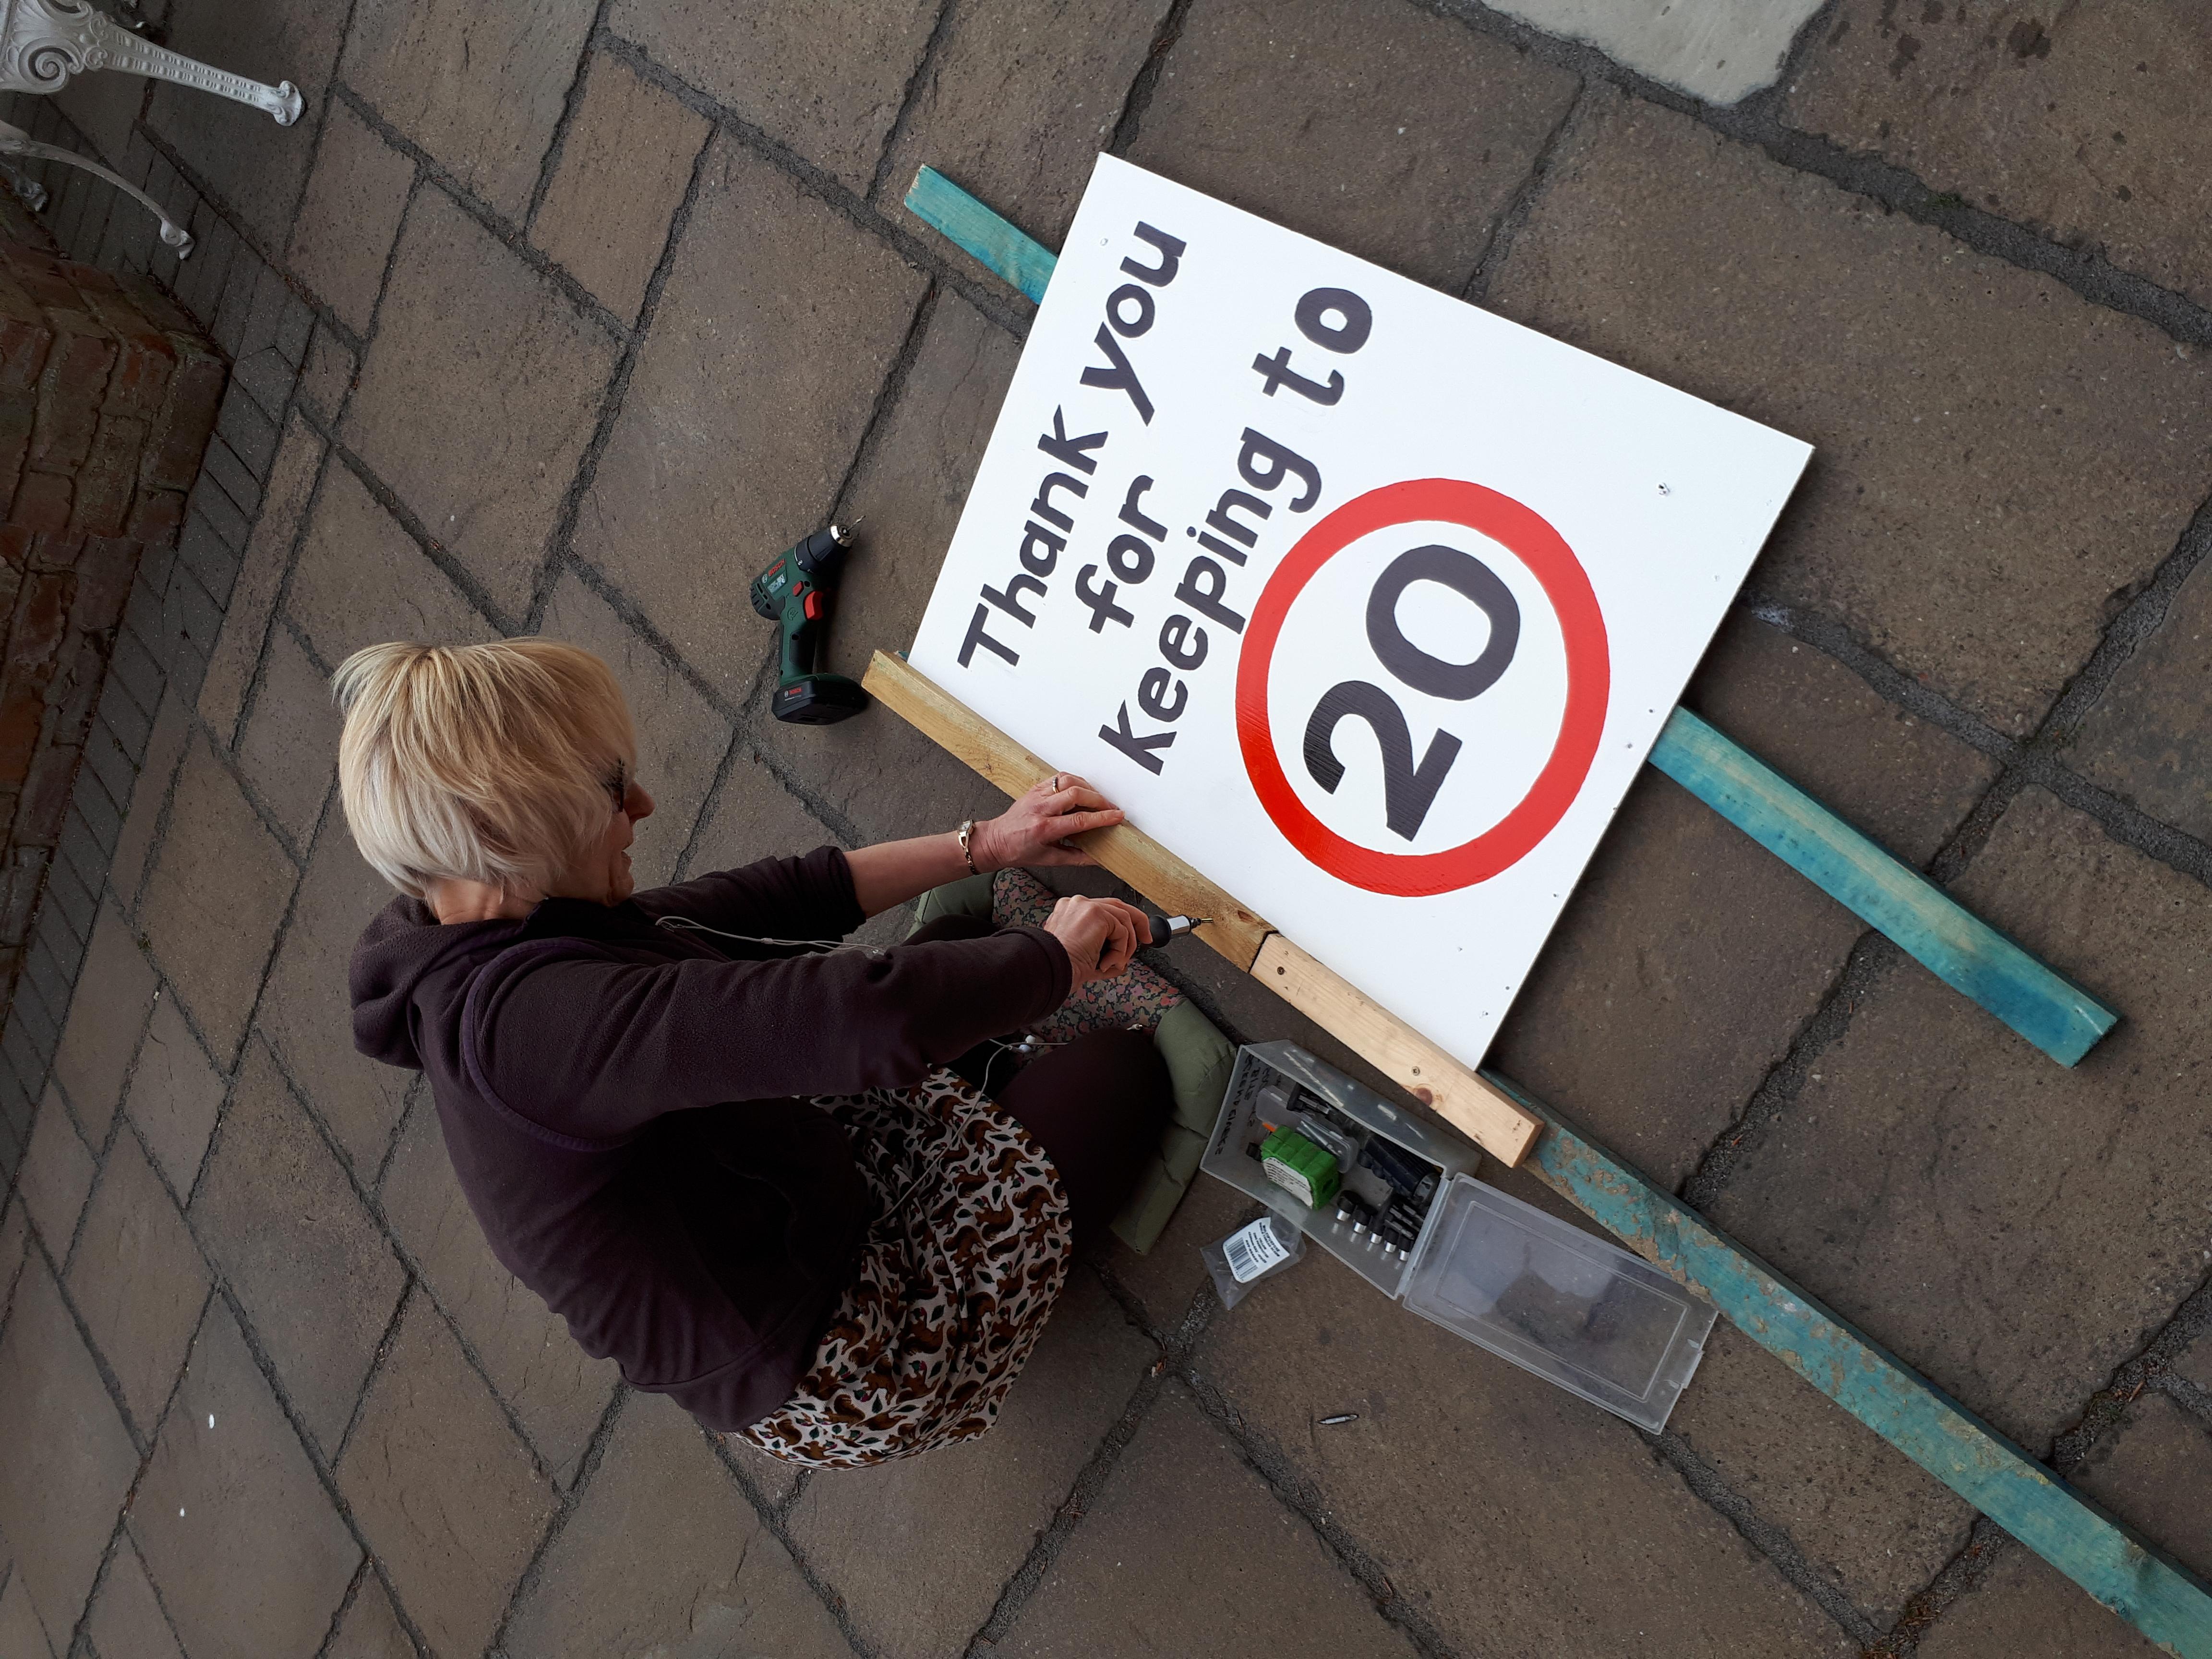 20sP_Chester_Sign-Making.jpg